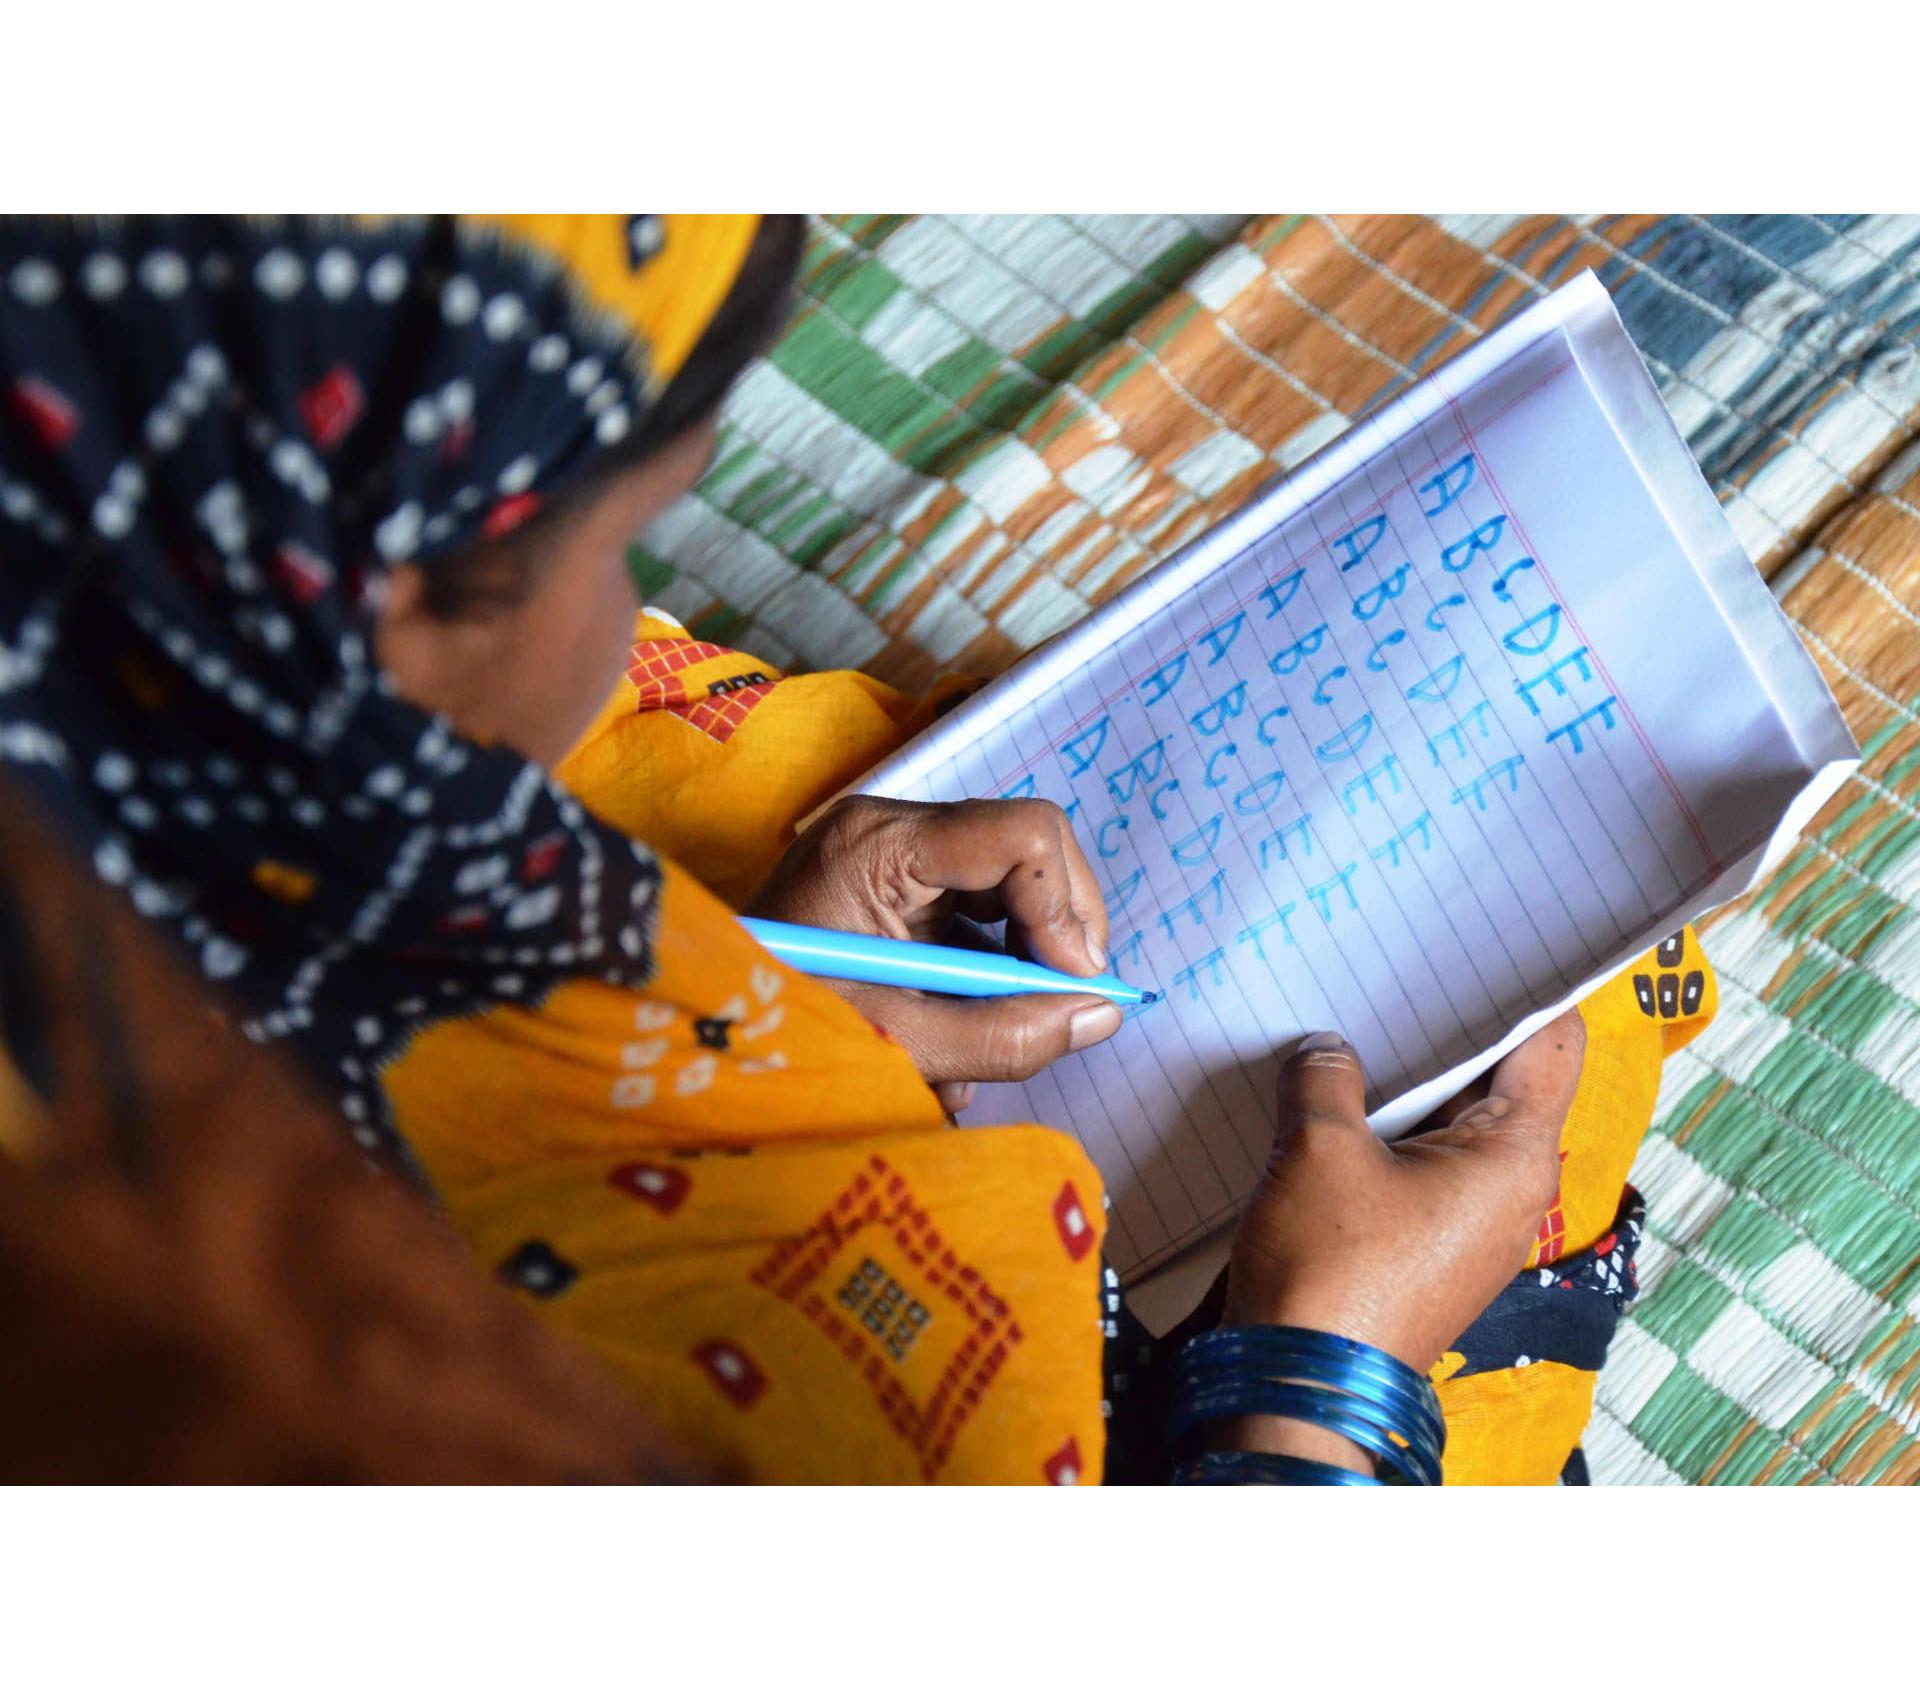 Entrepreneurs du monde : création d'un centre d'orientation et d'aide à la création d'entreprises pour un public en situation de précarité